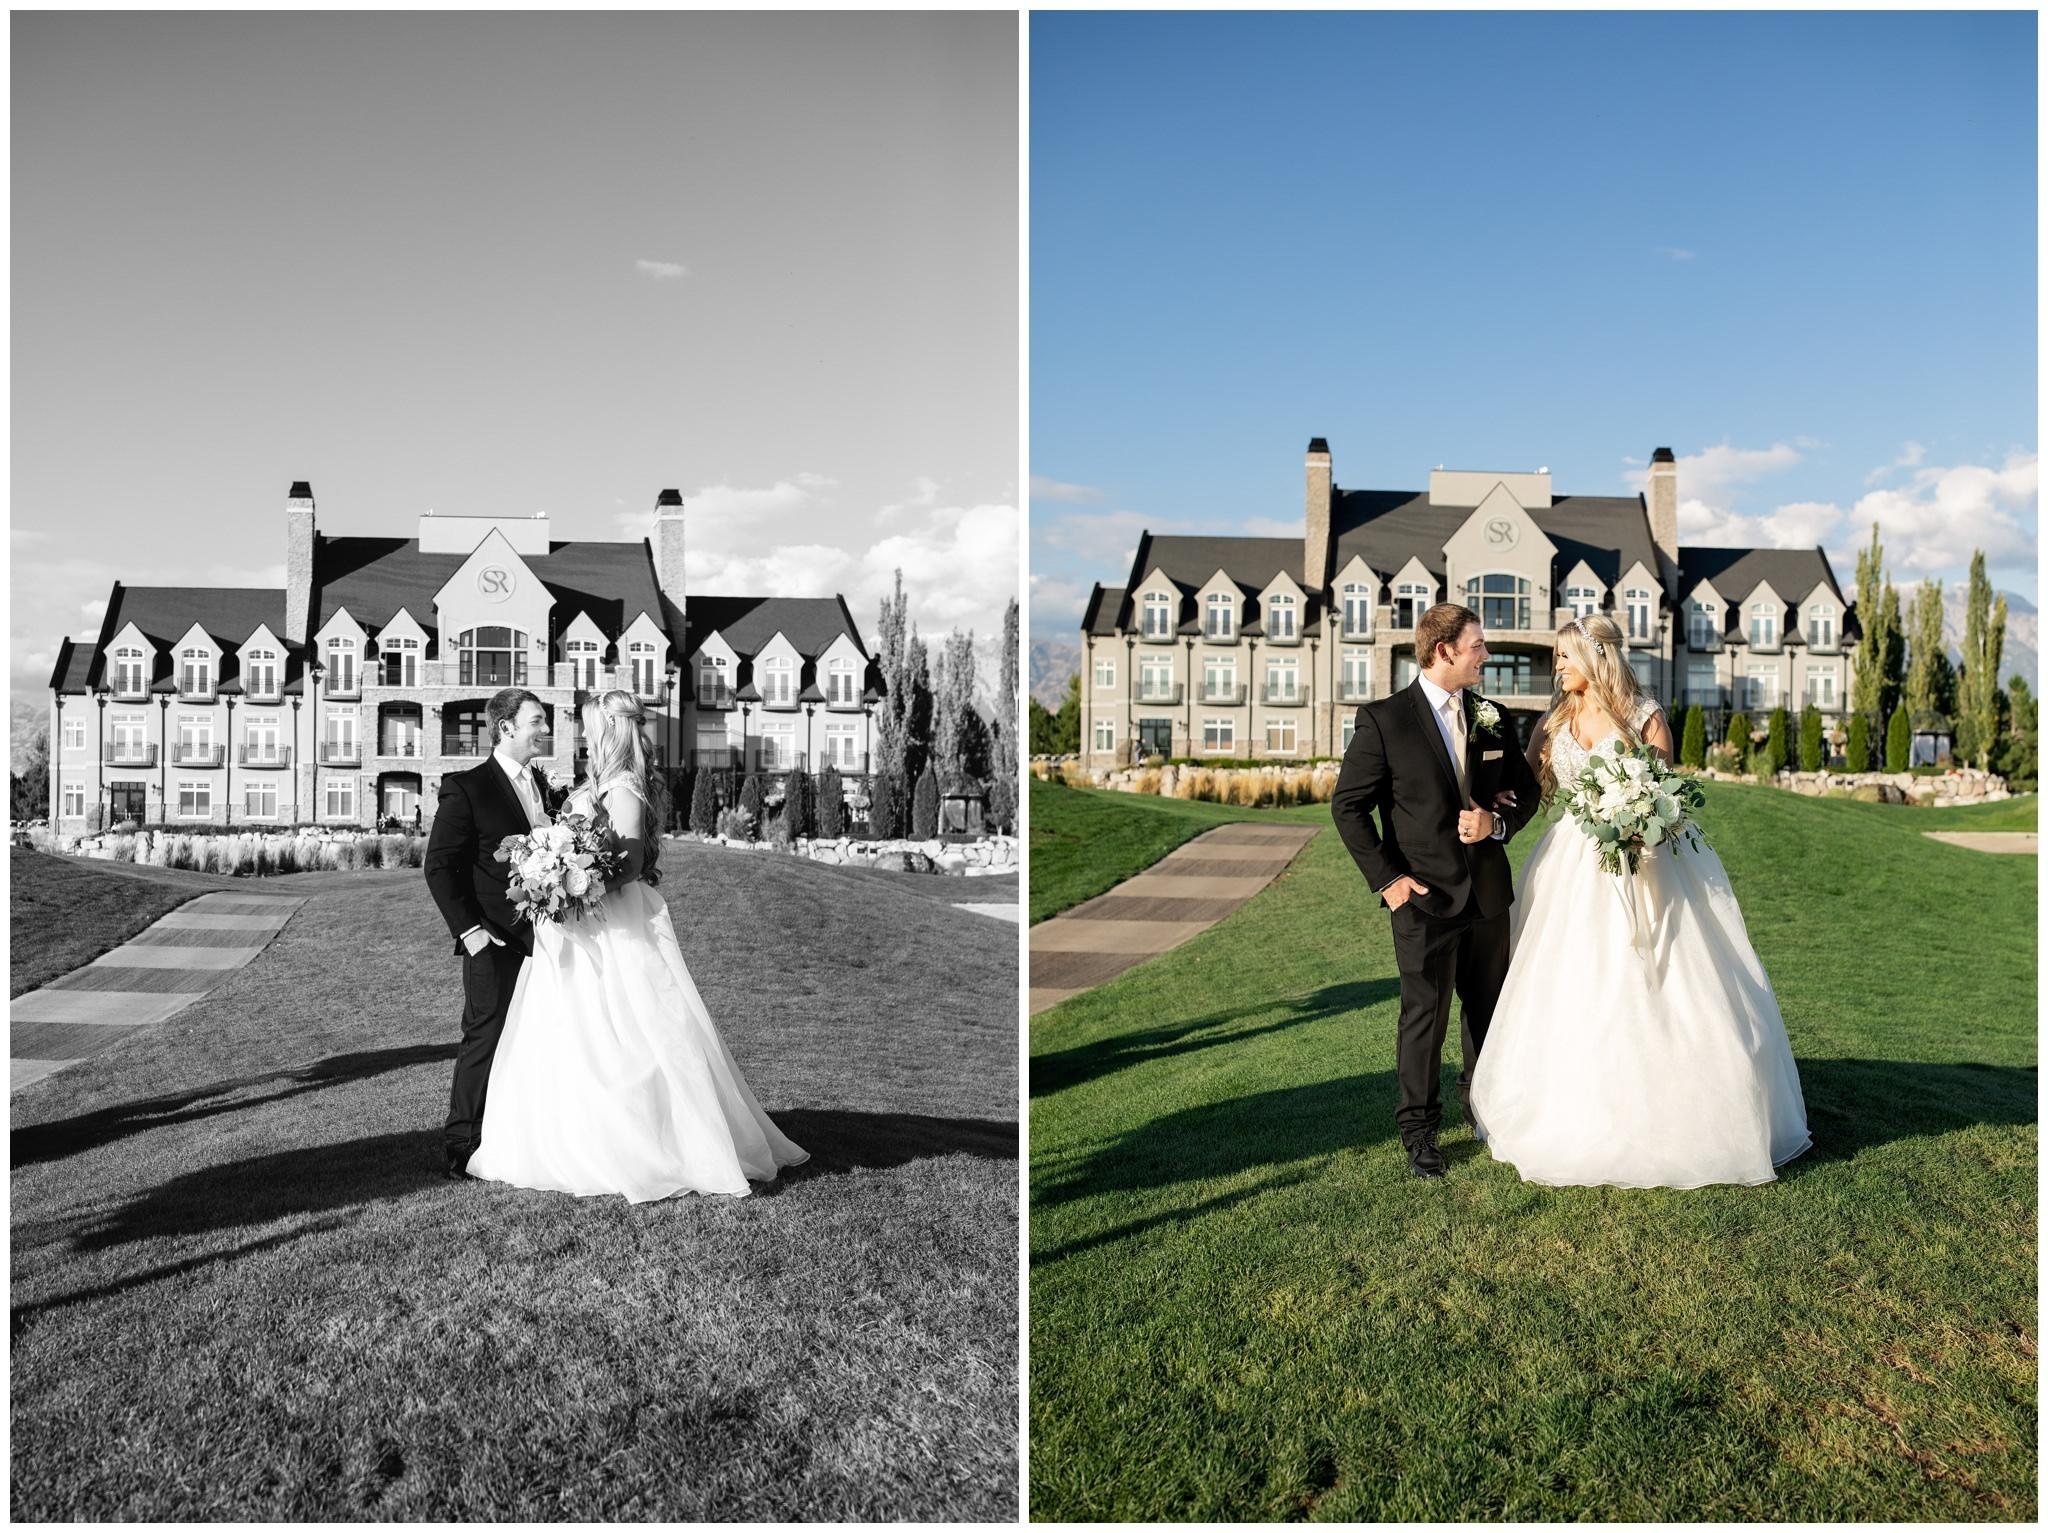 Wedding formals at Sleepy Ridge